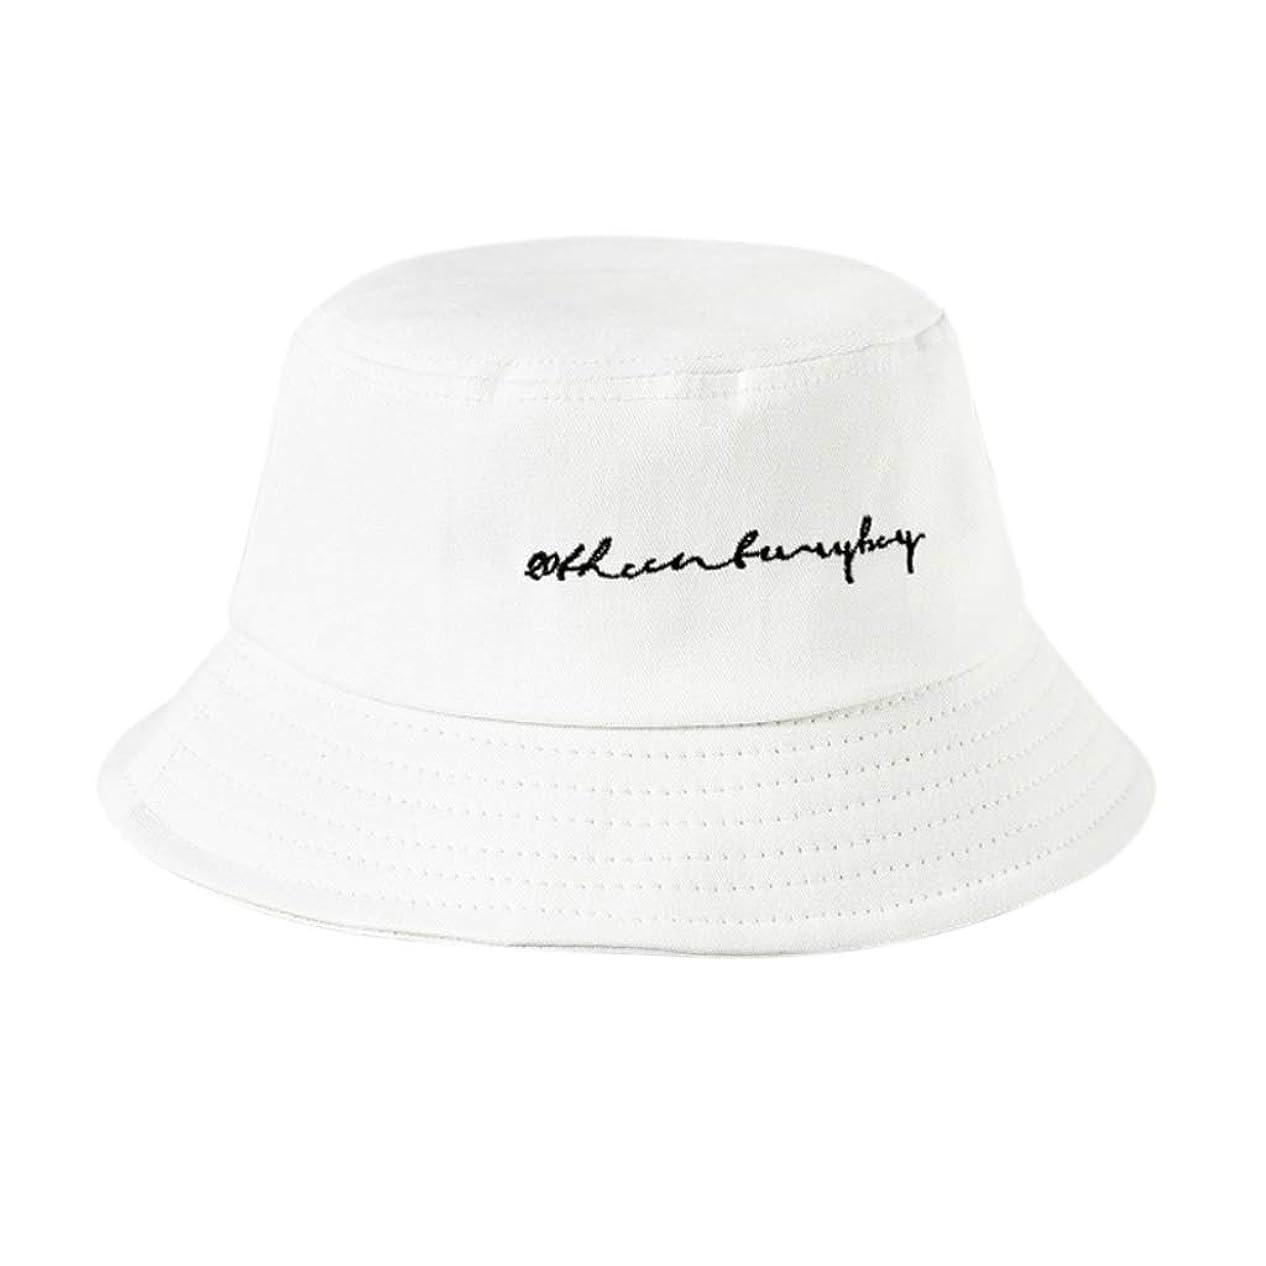 暴露する可決簡単にManyao 22色女性女の子面白い刺繍手紙広いつばバケツ帽子夏カジュアル原宿ヒップホップ学生スポーツ漁師キャップ